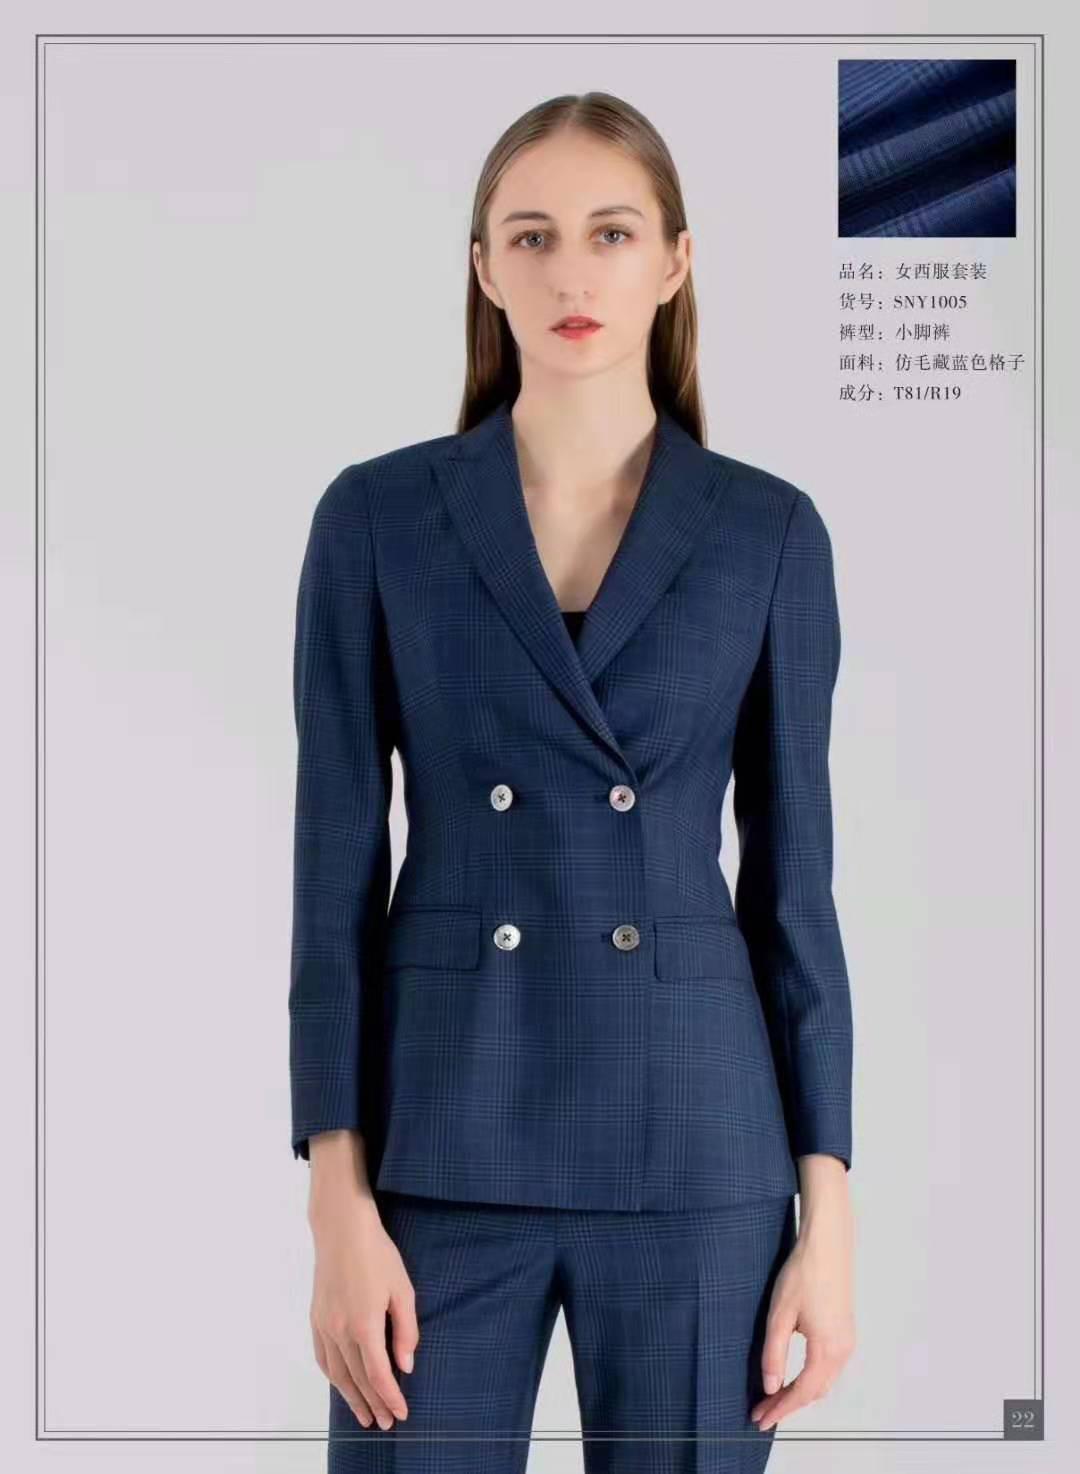 时尚不规则下摆格子套装女装私人订制